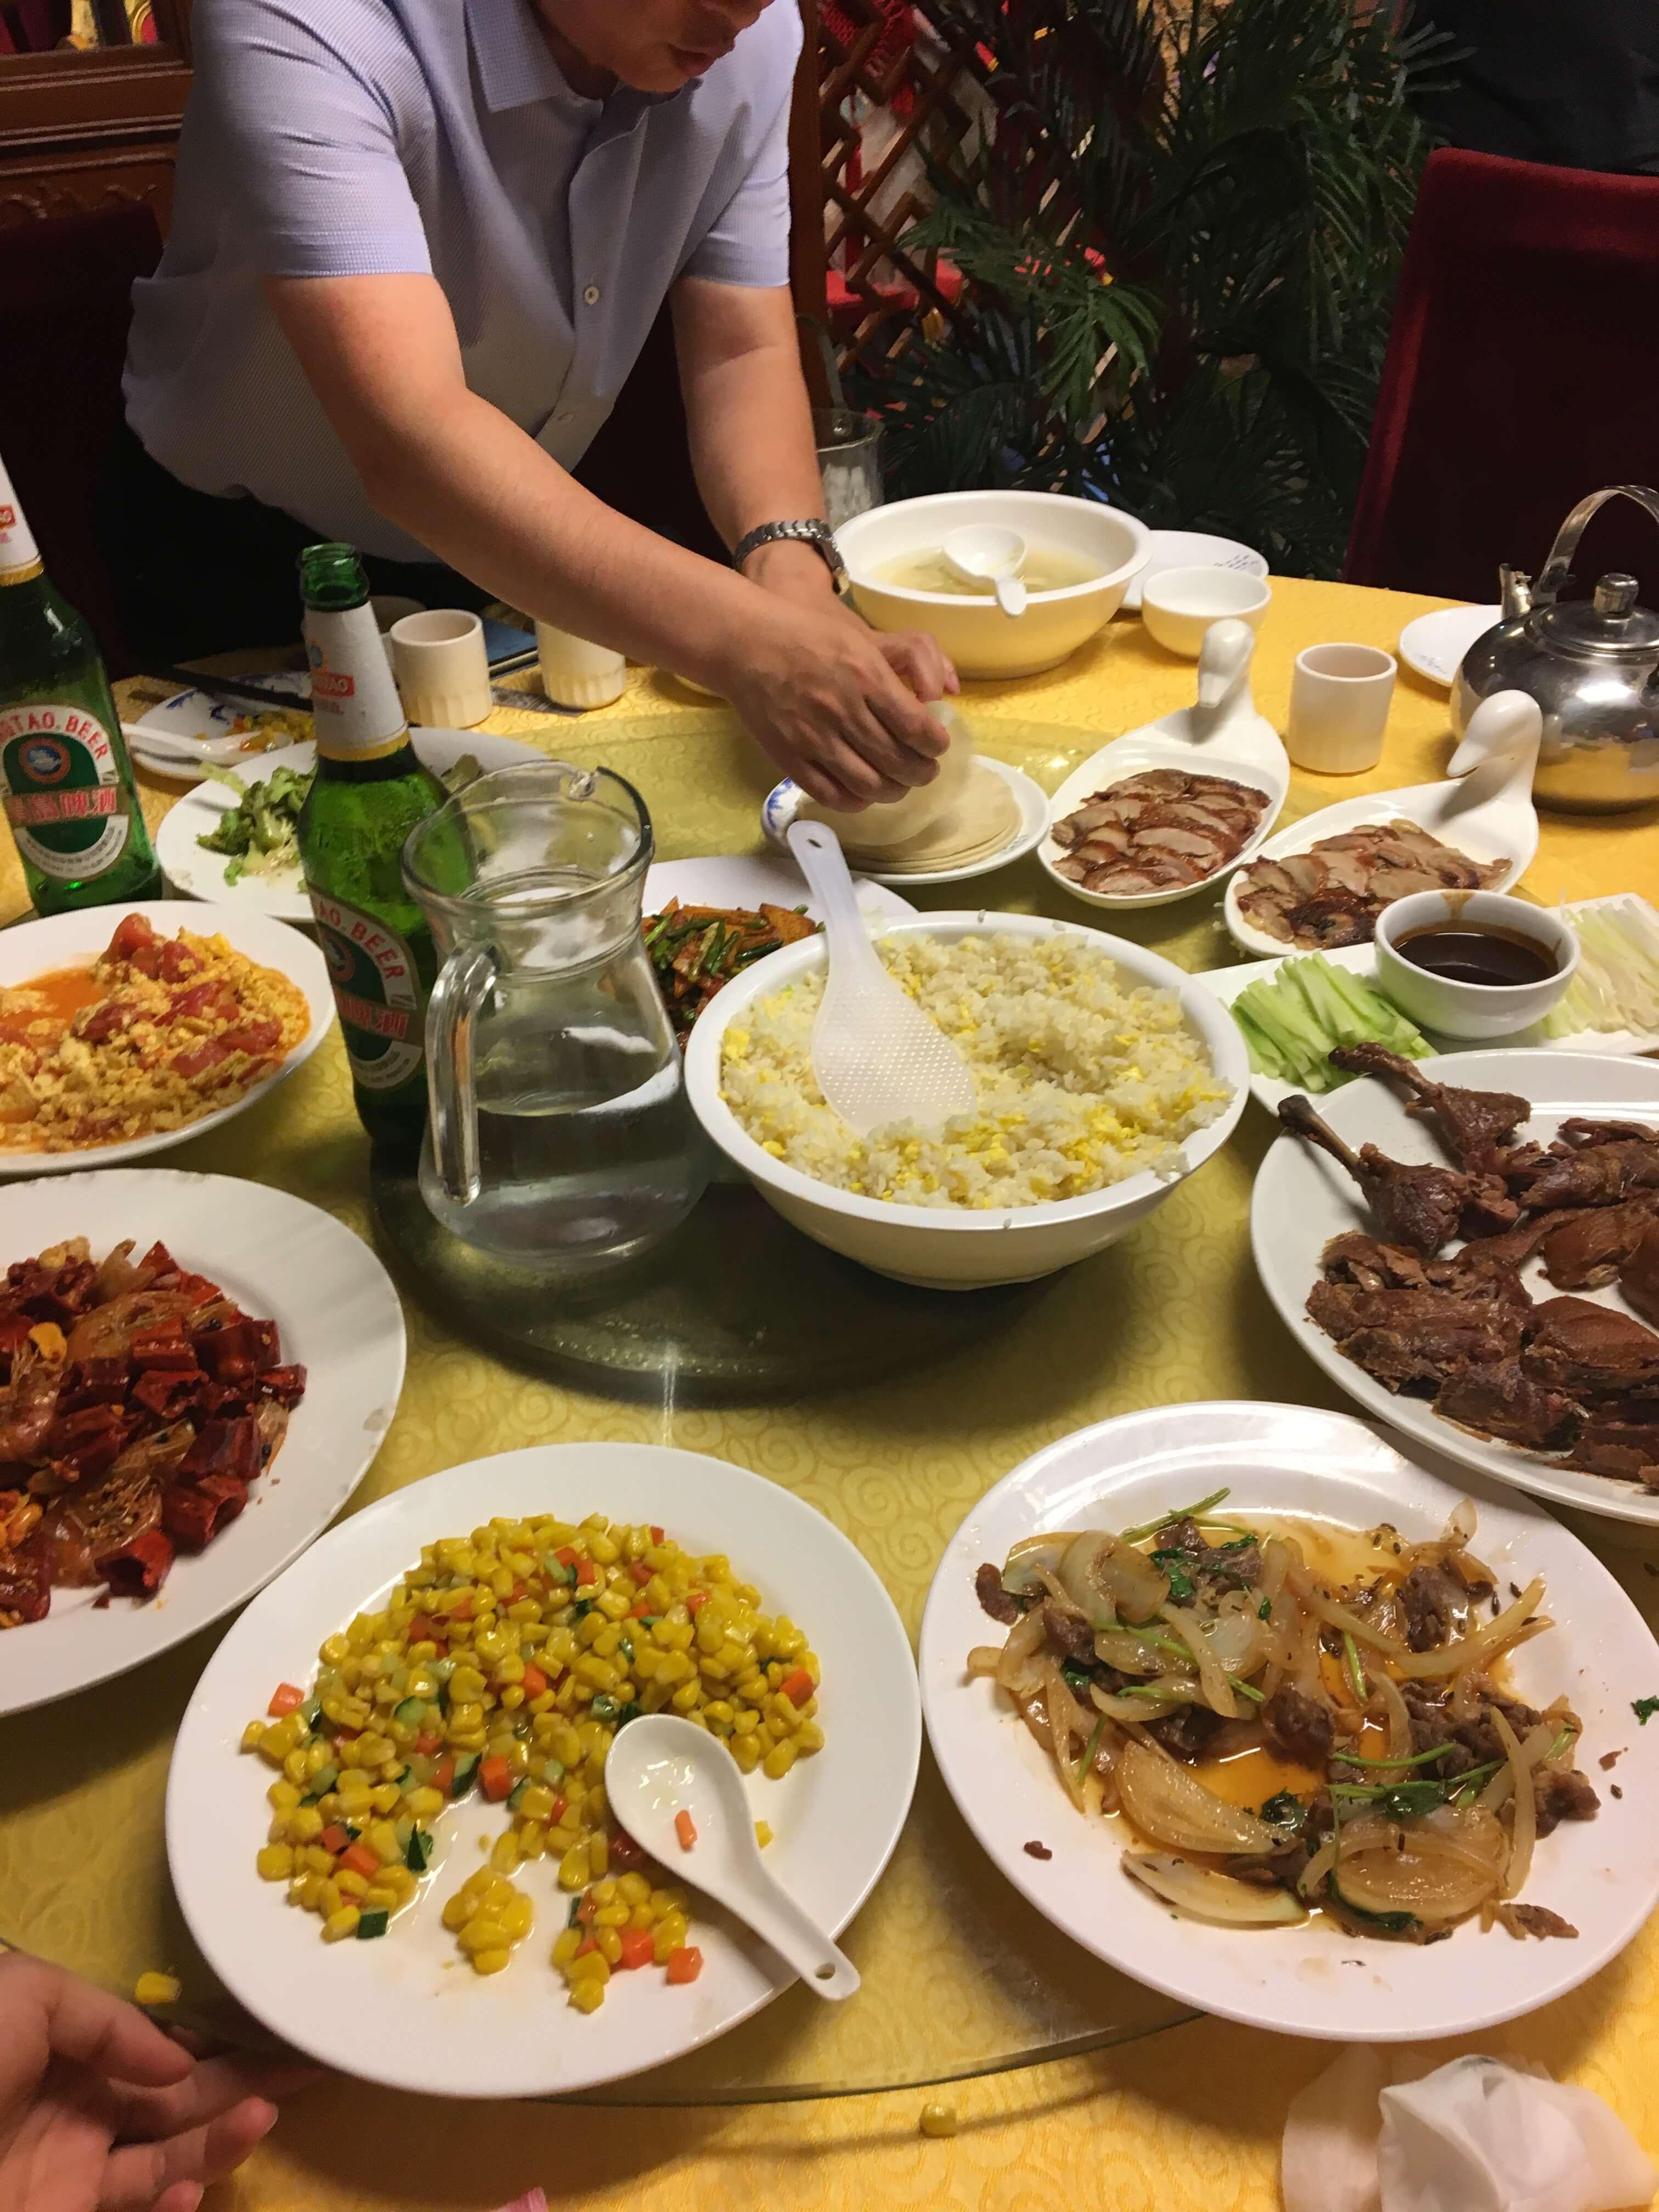 Çin Gezi Rehberi - Çin Mutfağı